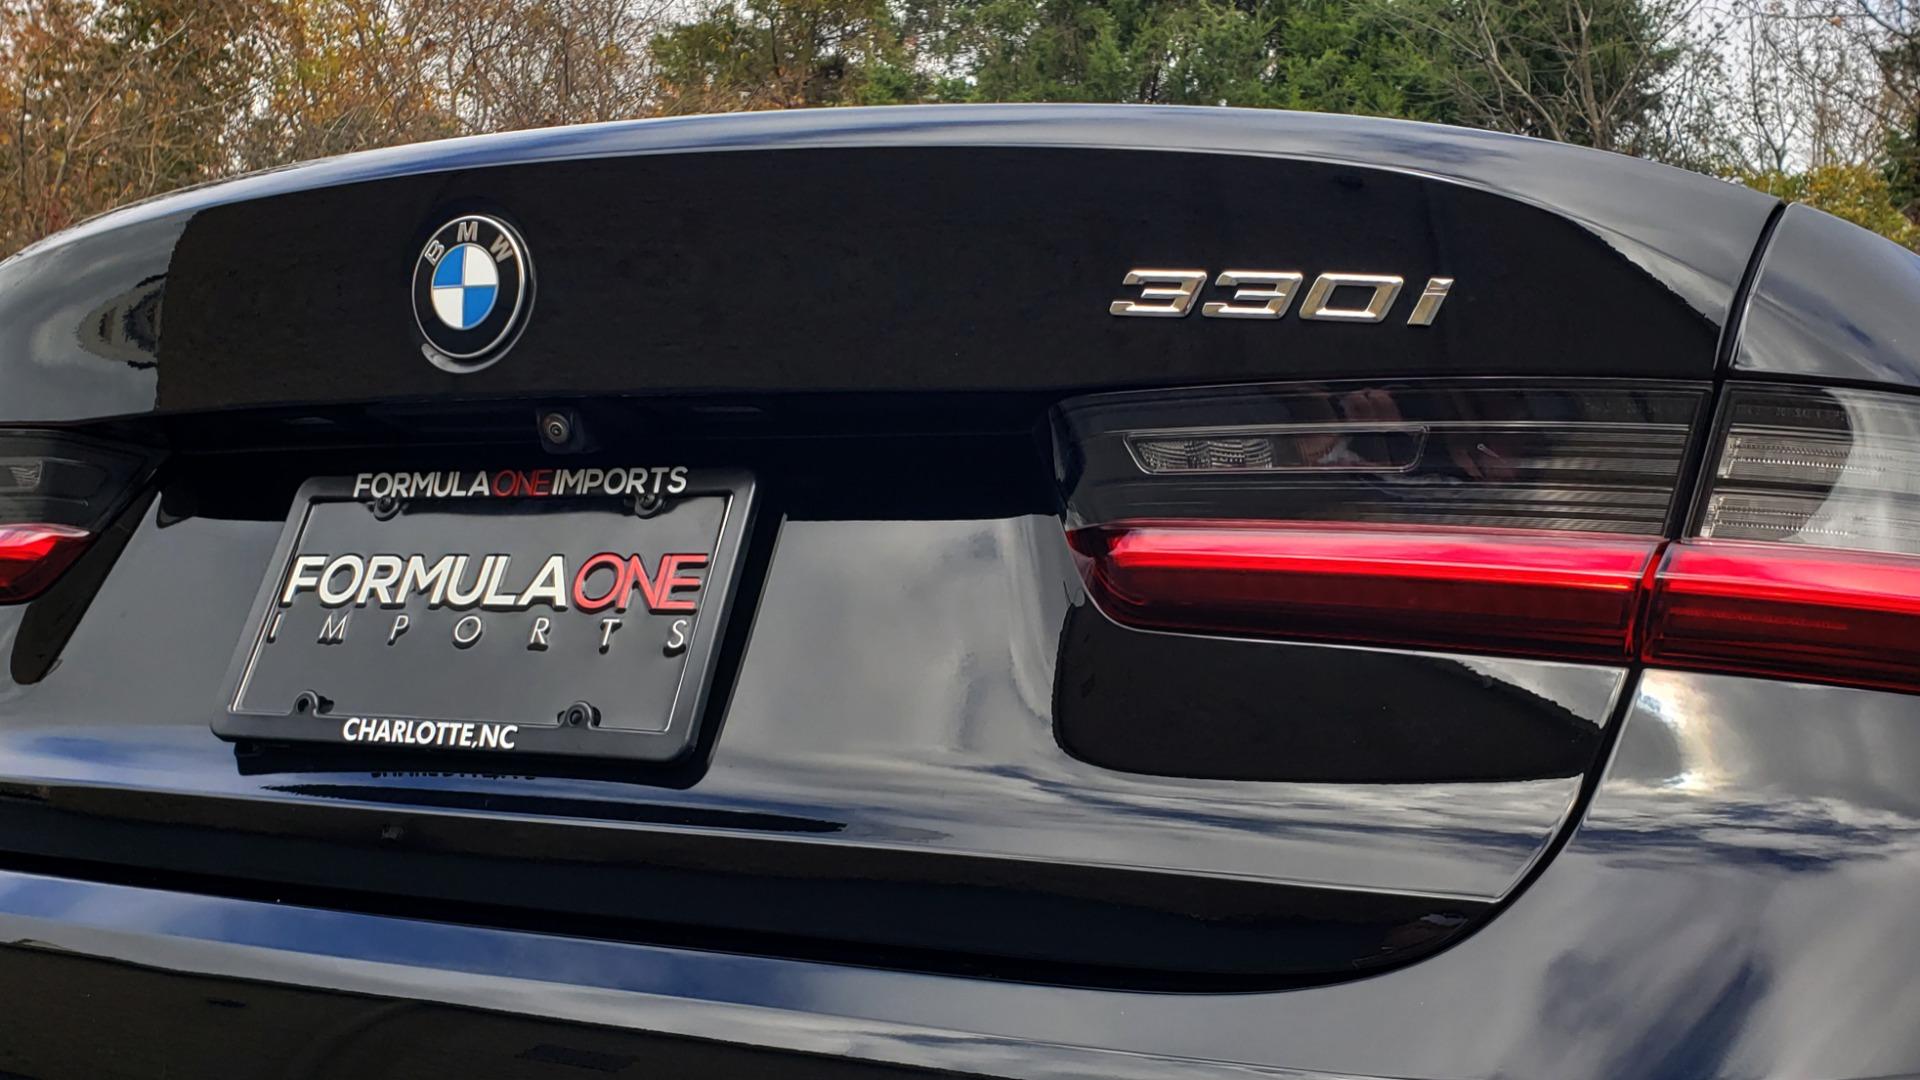 Used 2019 BMW 3 SERIES 330I PREM PKG / NAV / CONV PKG / H&K SND / LIVE COCKPIT PRO for sale Sold at Formula Imports in Charlotte NC 28227 29